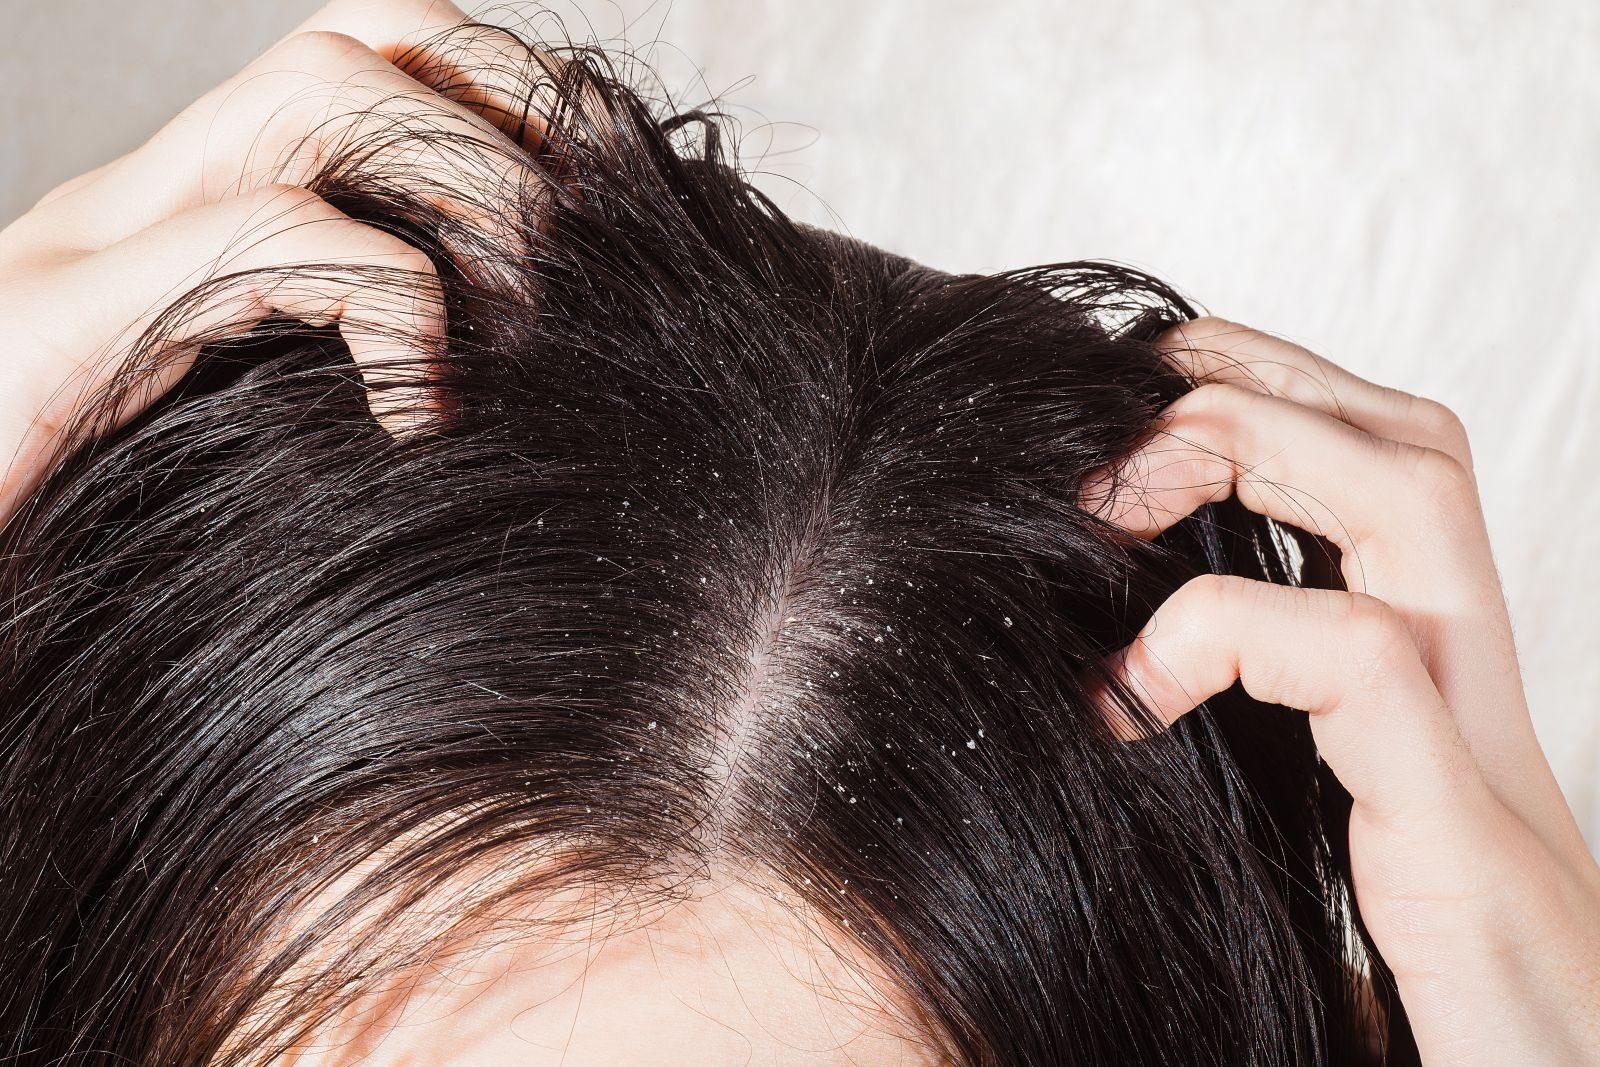 vörös foltok a fejbőrön a haj alatt mi ez)